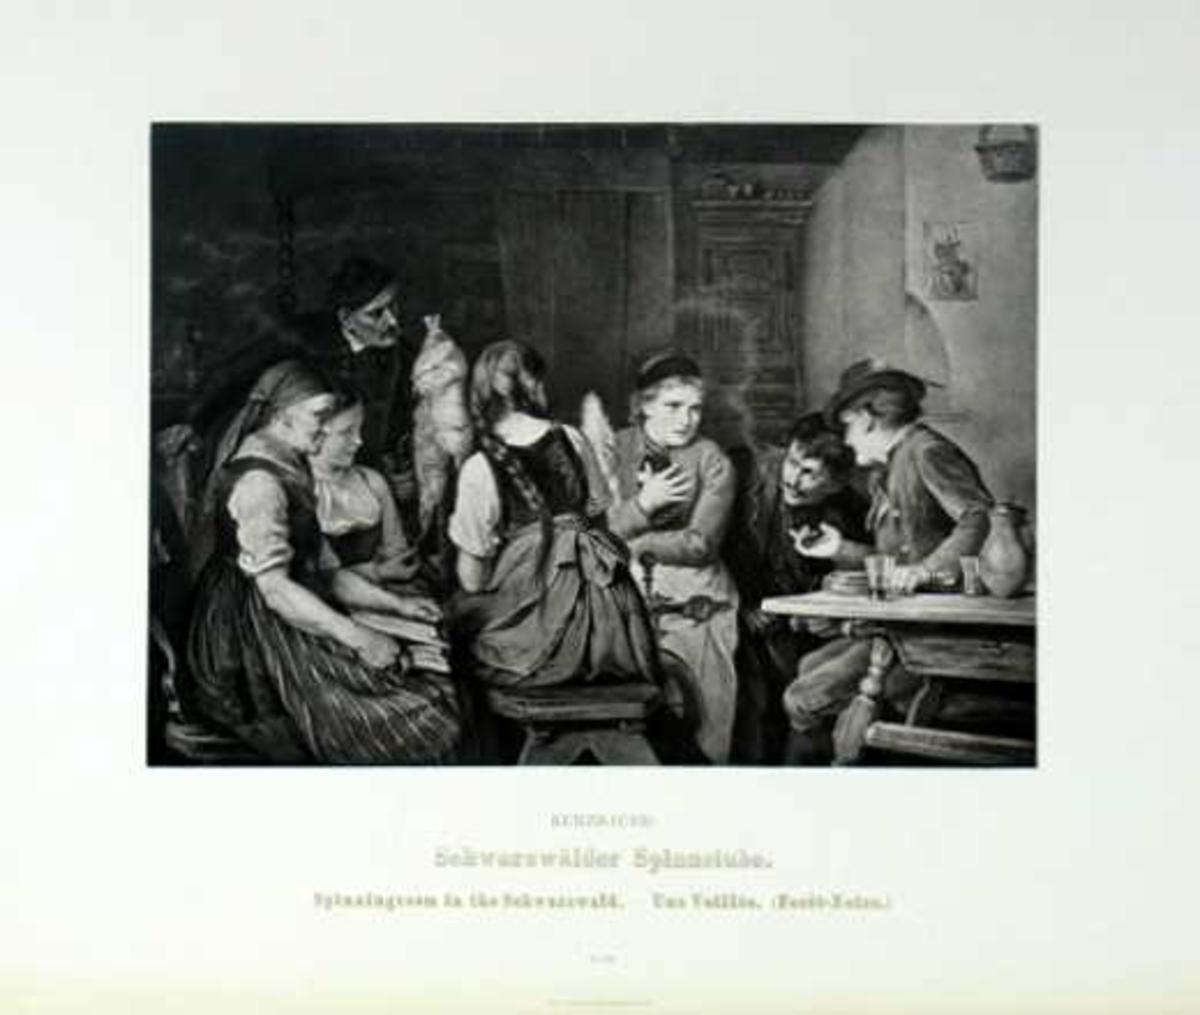 Motiv fra en spinnestue; to menn til høyre ved et bord, tre unge jenter rundt rokken, en eldre kvinne med bok til venstre, en mann stående bak.